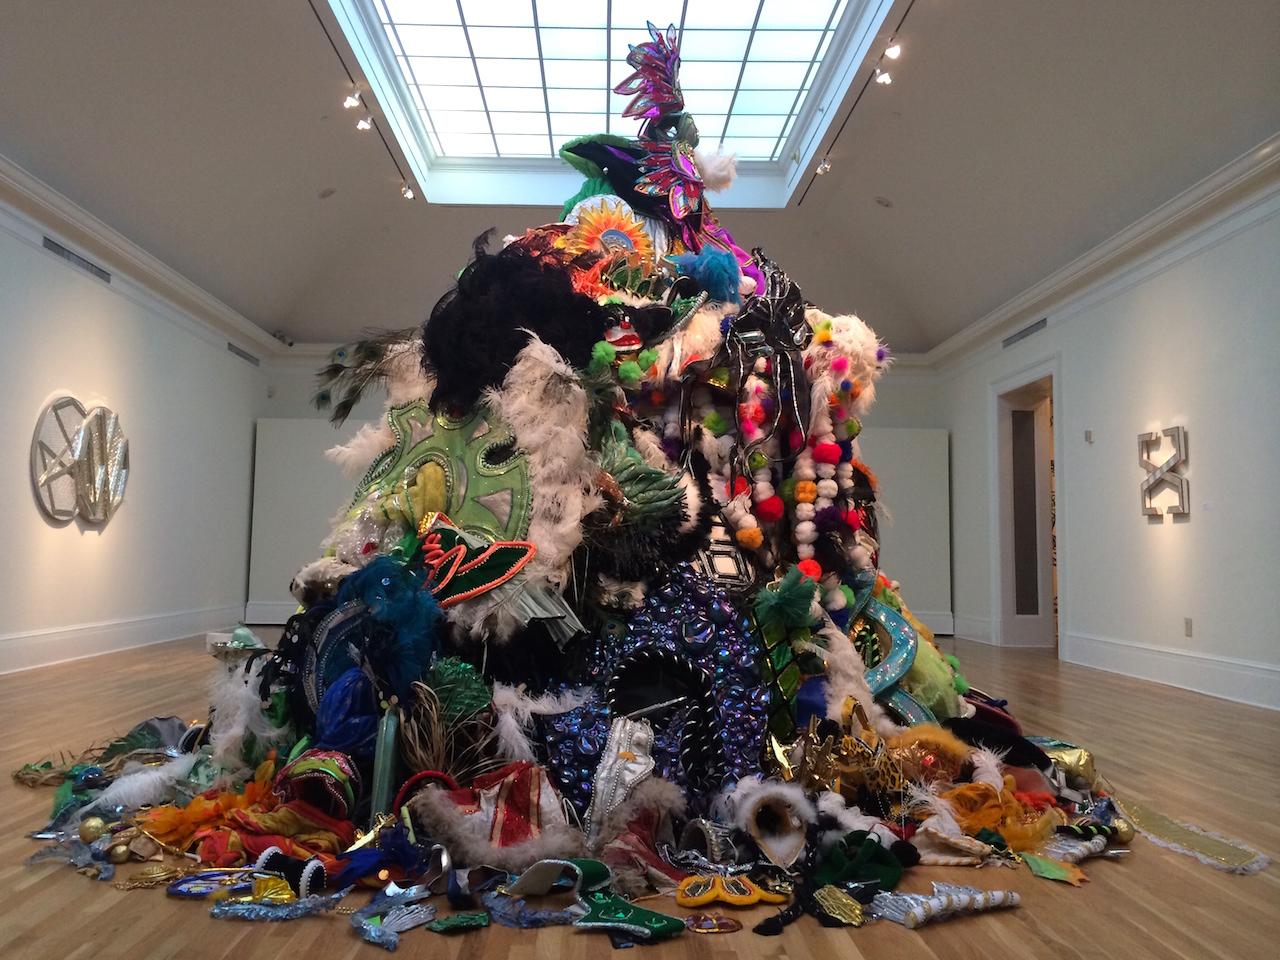 """Andrea Fraser, """"Um Monumento às Fantasias Descartadas"""" (""""A Monument to Discarded Fantasies"""") (2003)"""